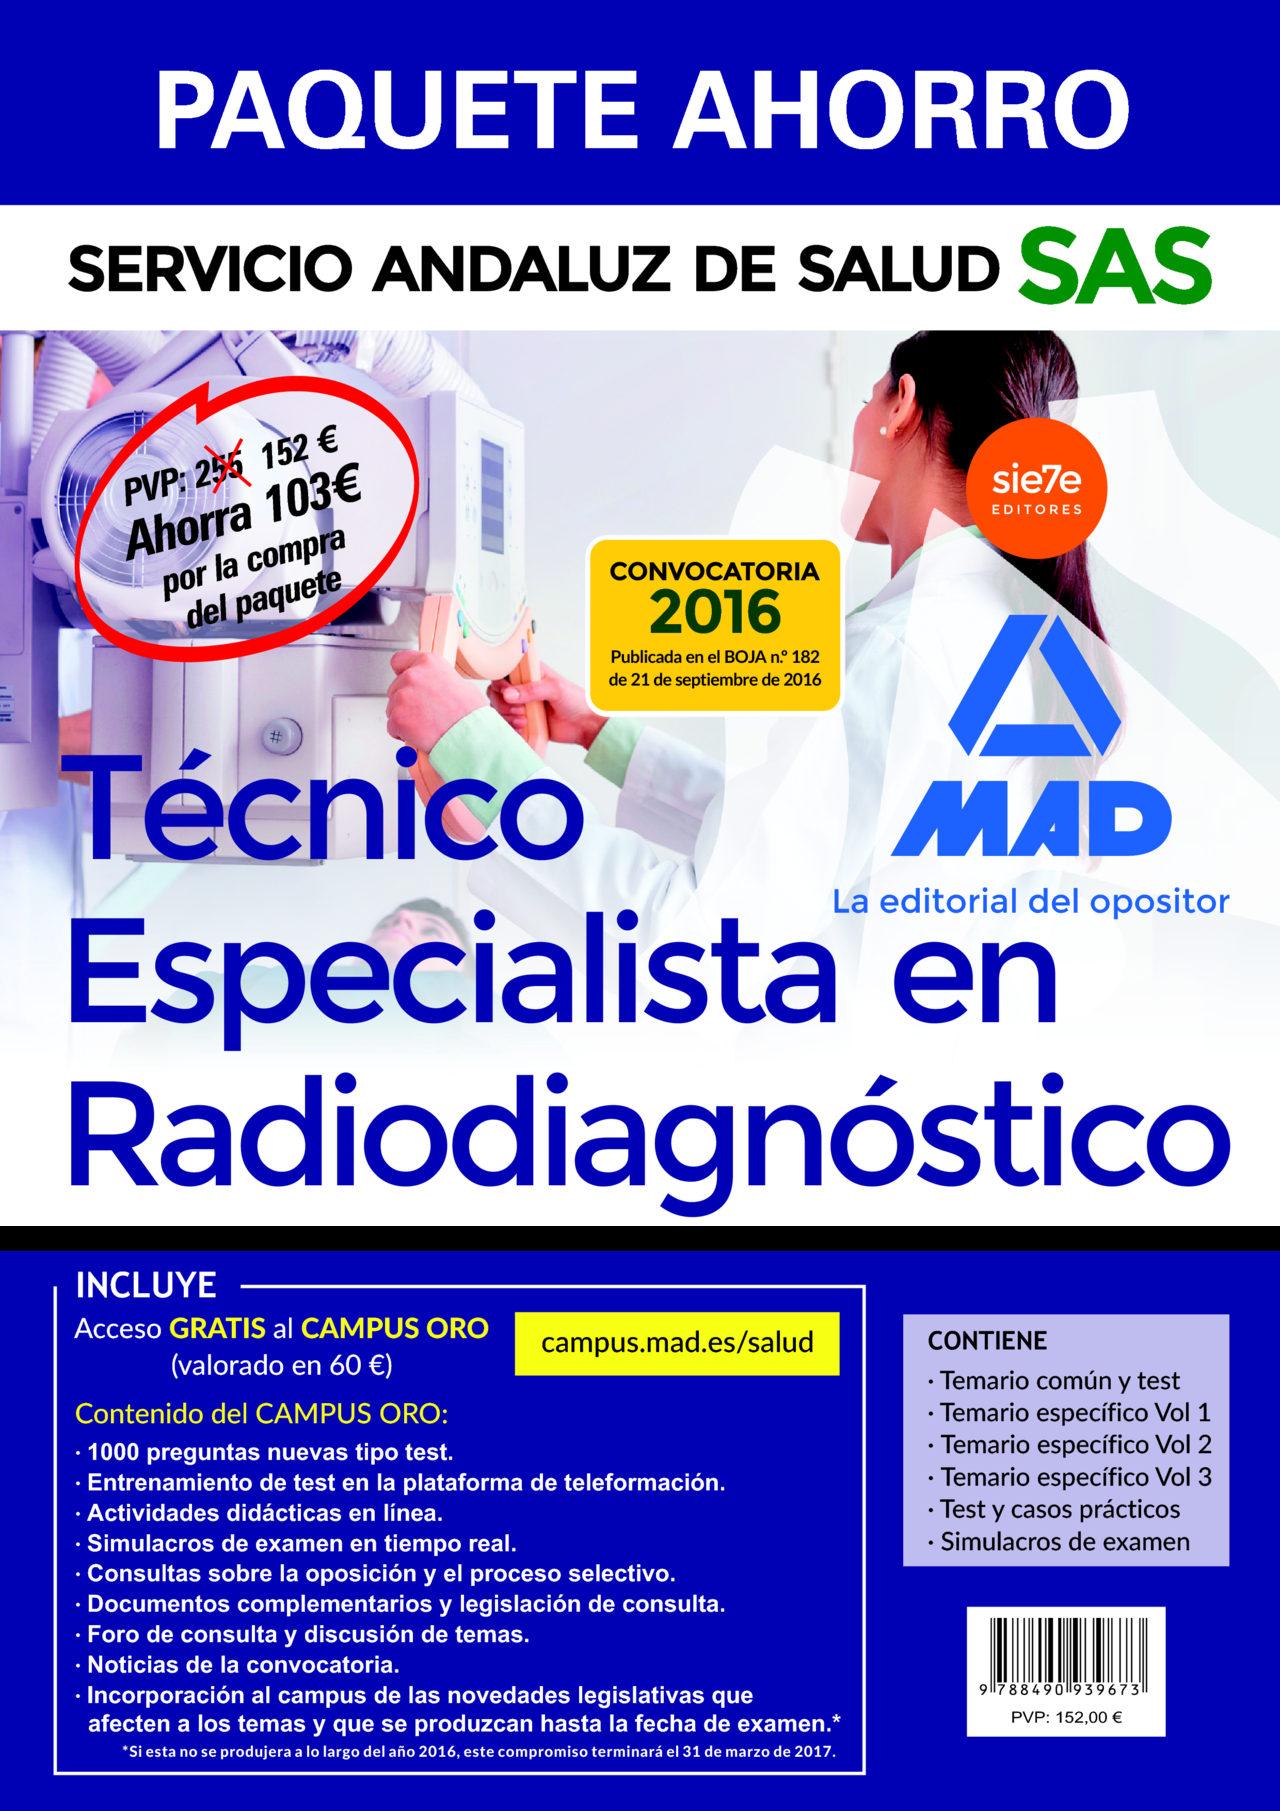 paquete ahorro técnico especialista en radiodiagnóstico del servicio andaluz de salud (temario común y test; temario específico vol 1, 2 y 3; test y casos prácticos; simulacros de examen y  acces-9788490939673